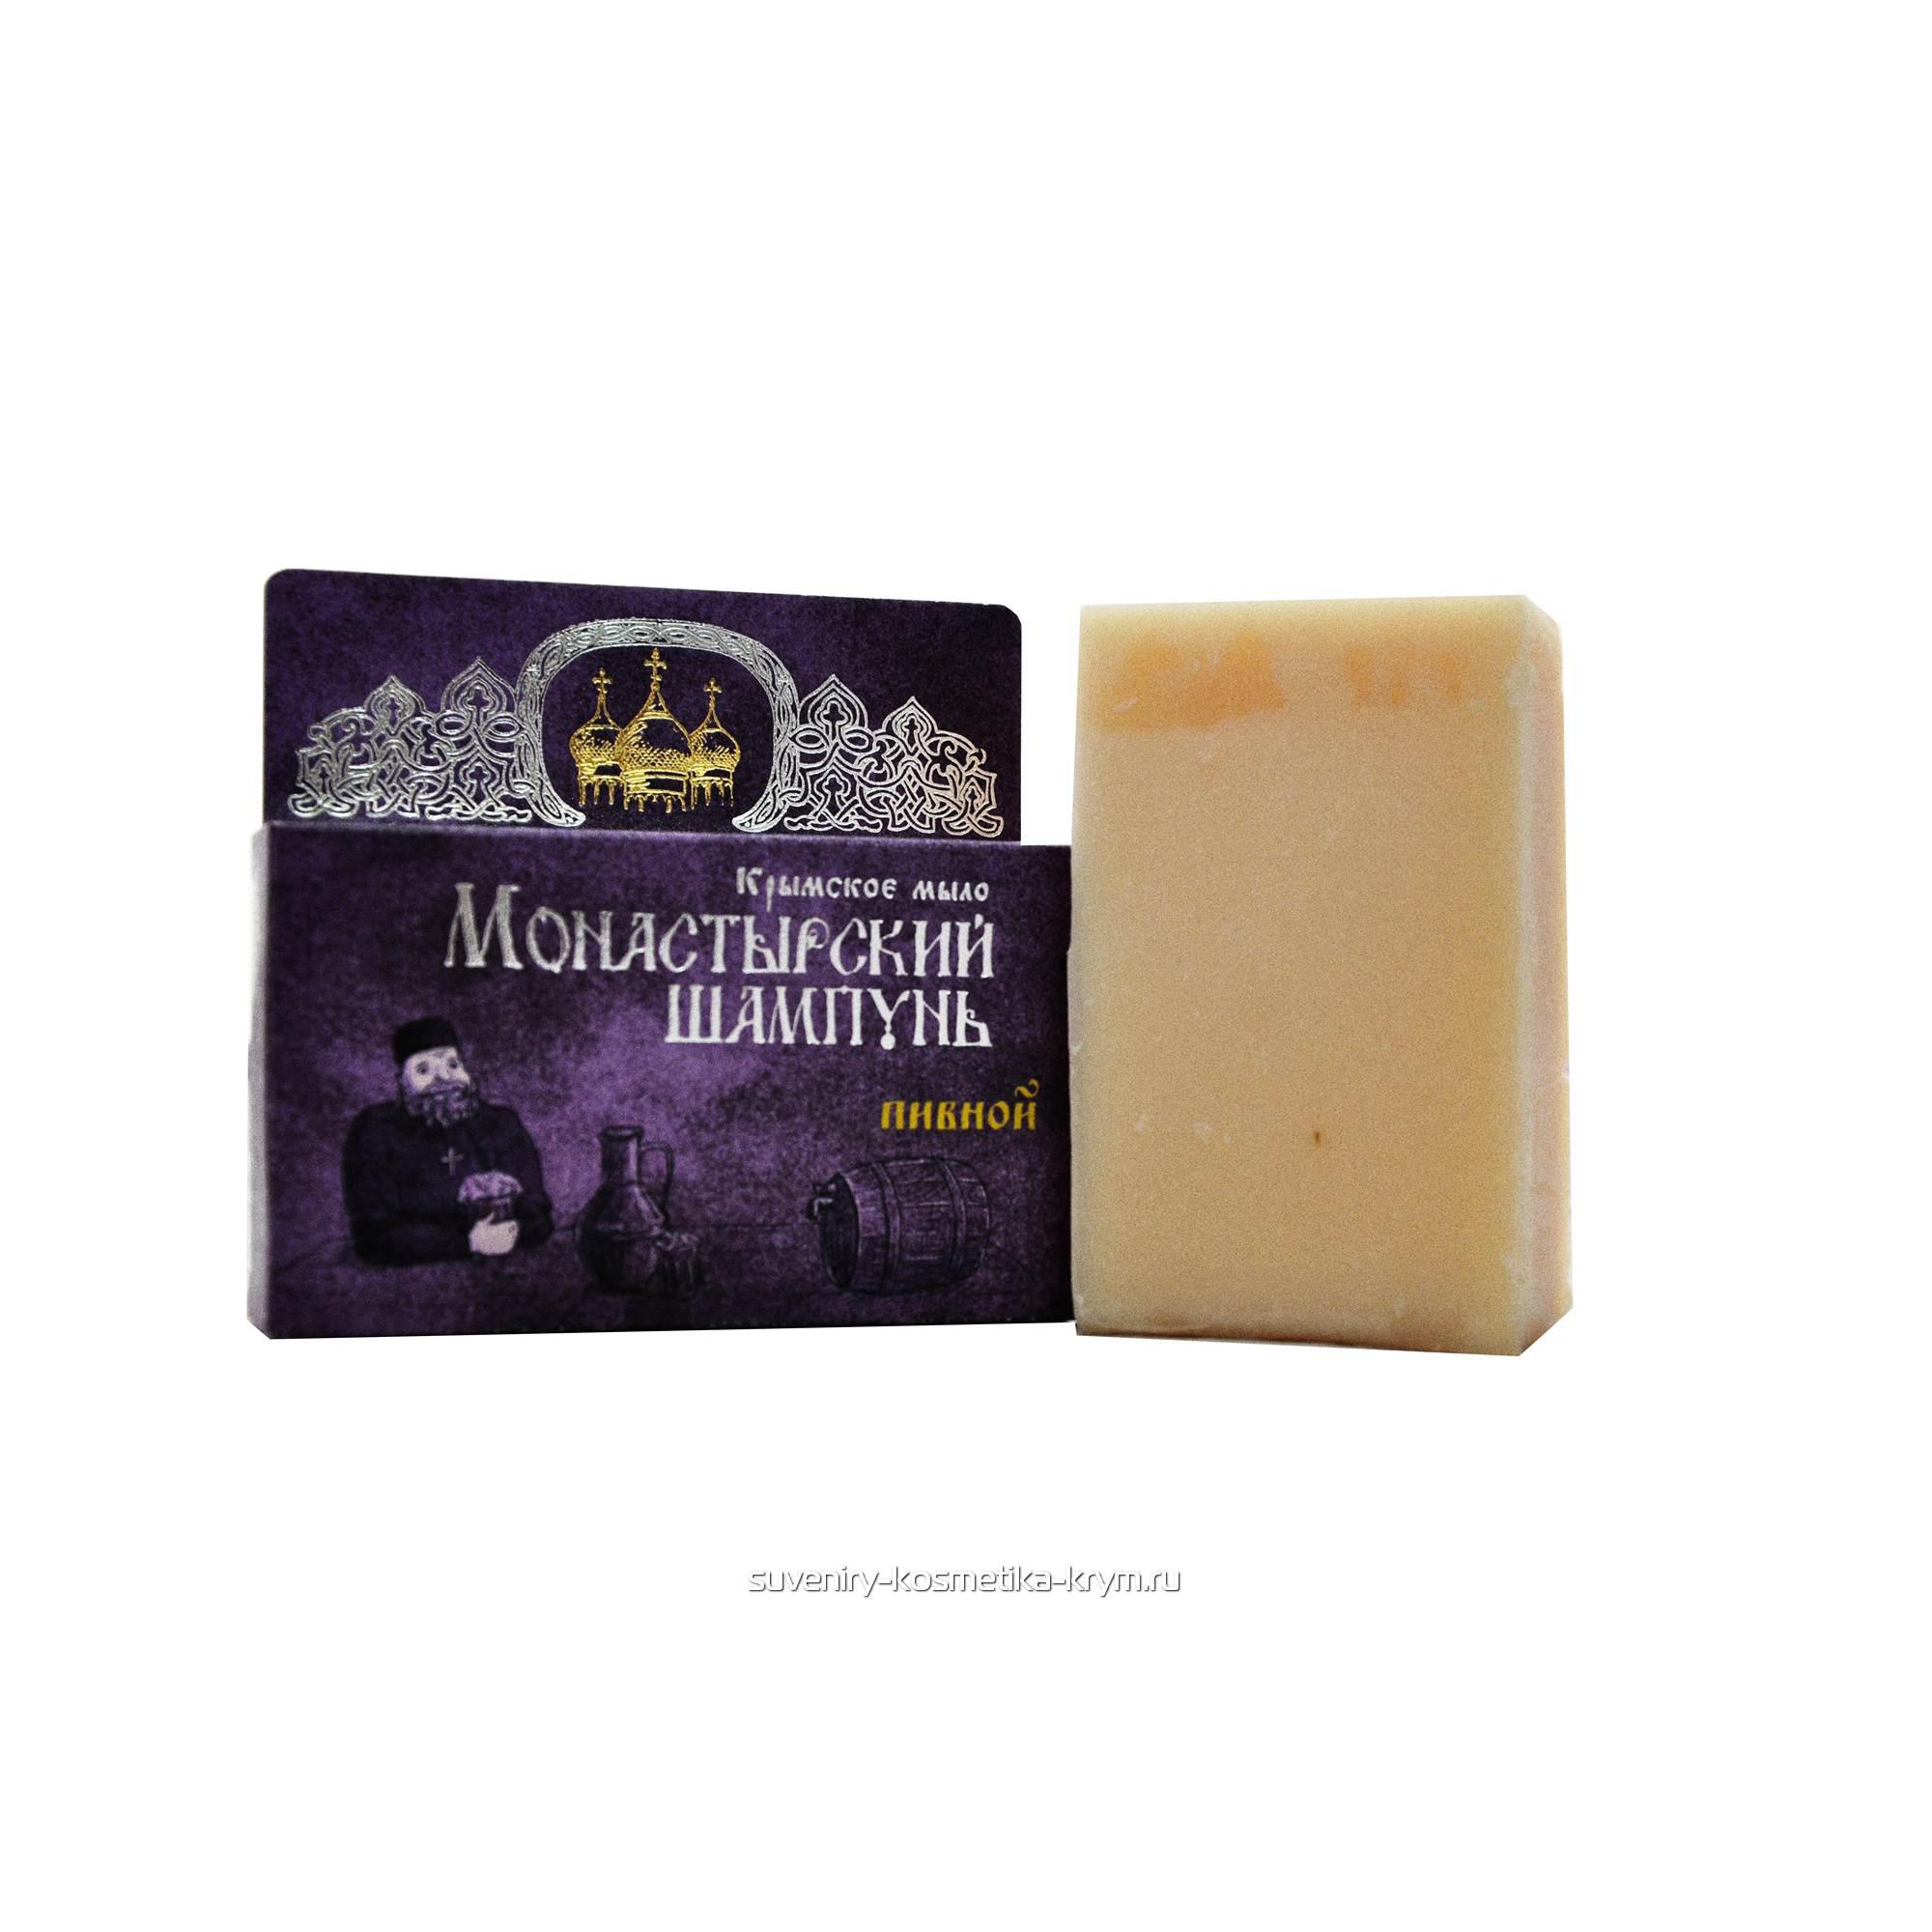 Крымская косметика - Натуральный твердый шампунь Пивной - купить в интернет магазине